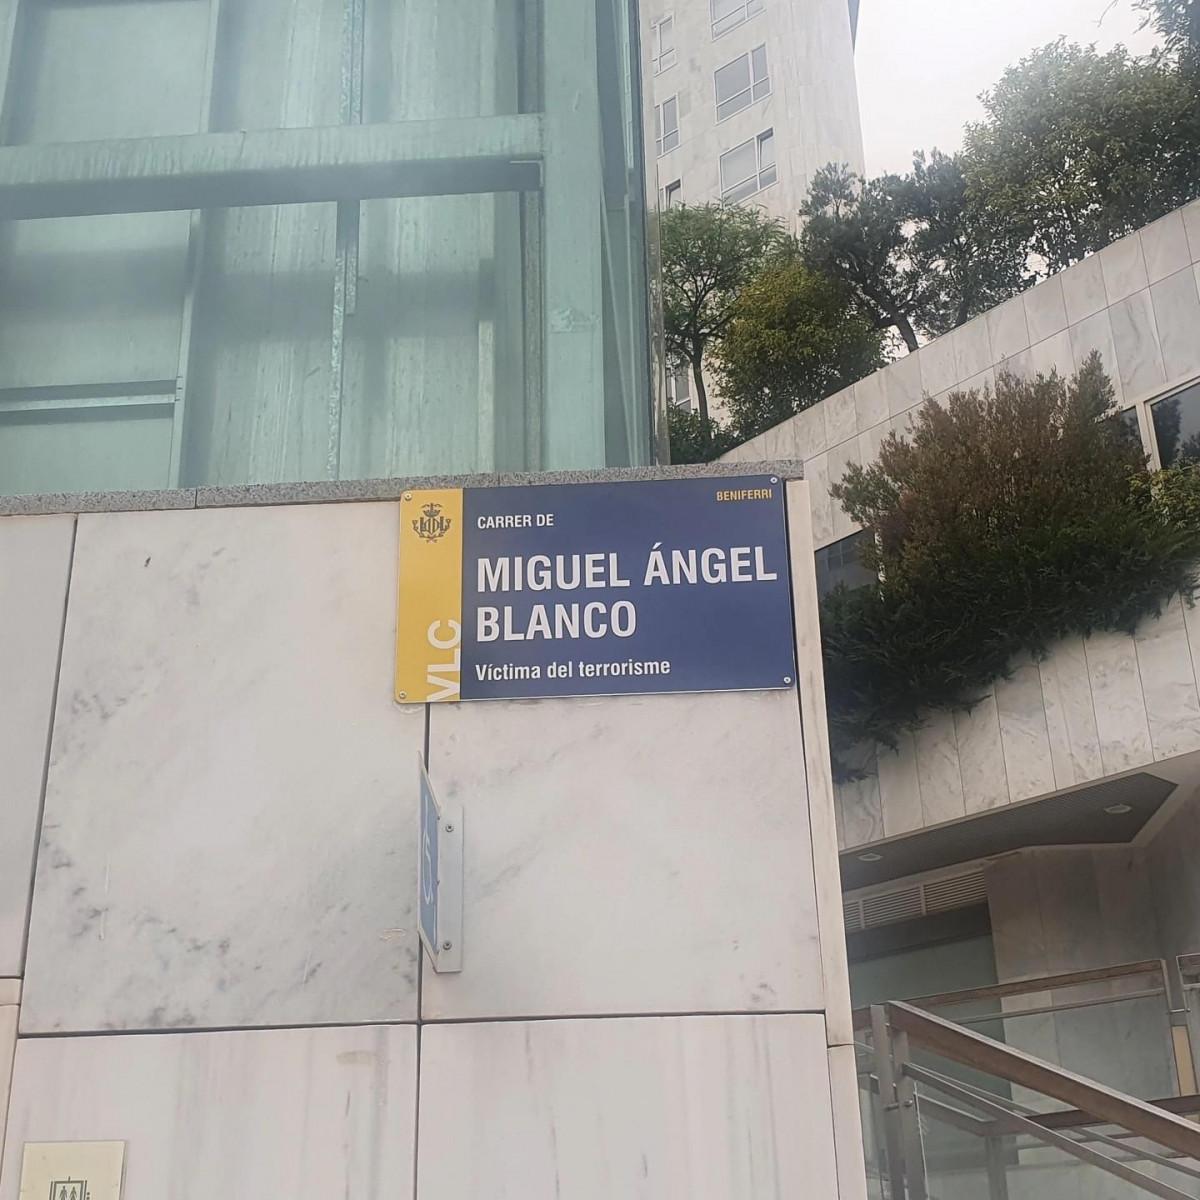 Placa de la calle Miguel Ángel Blanco